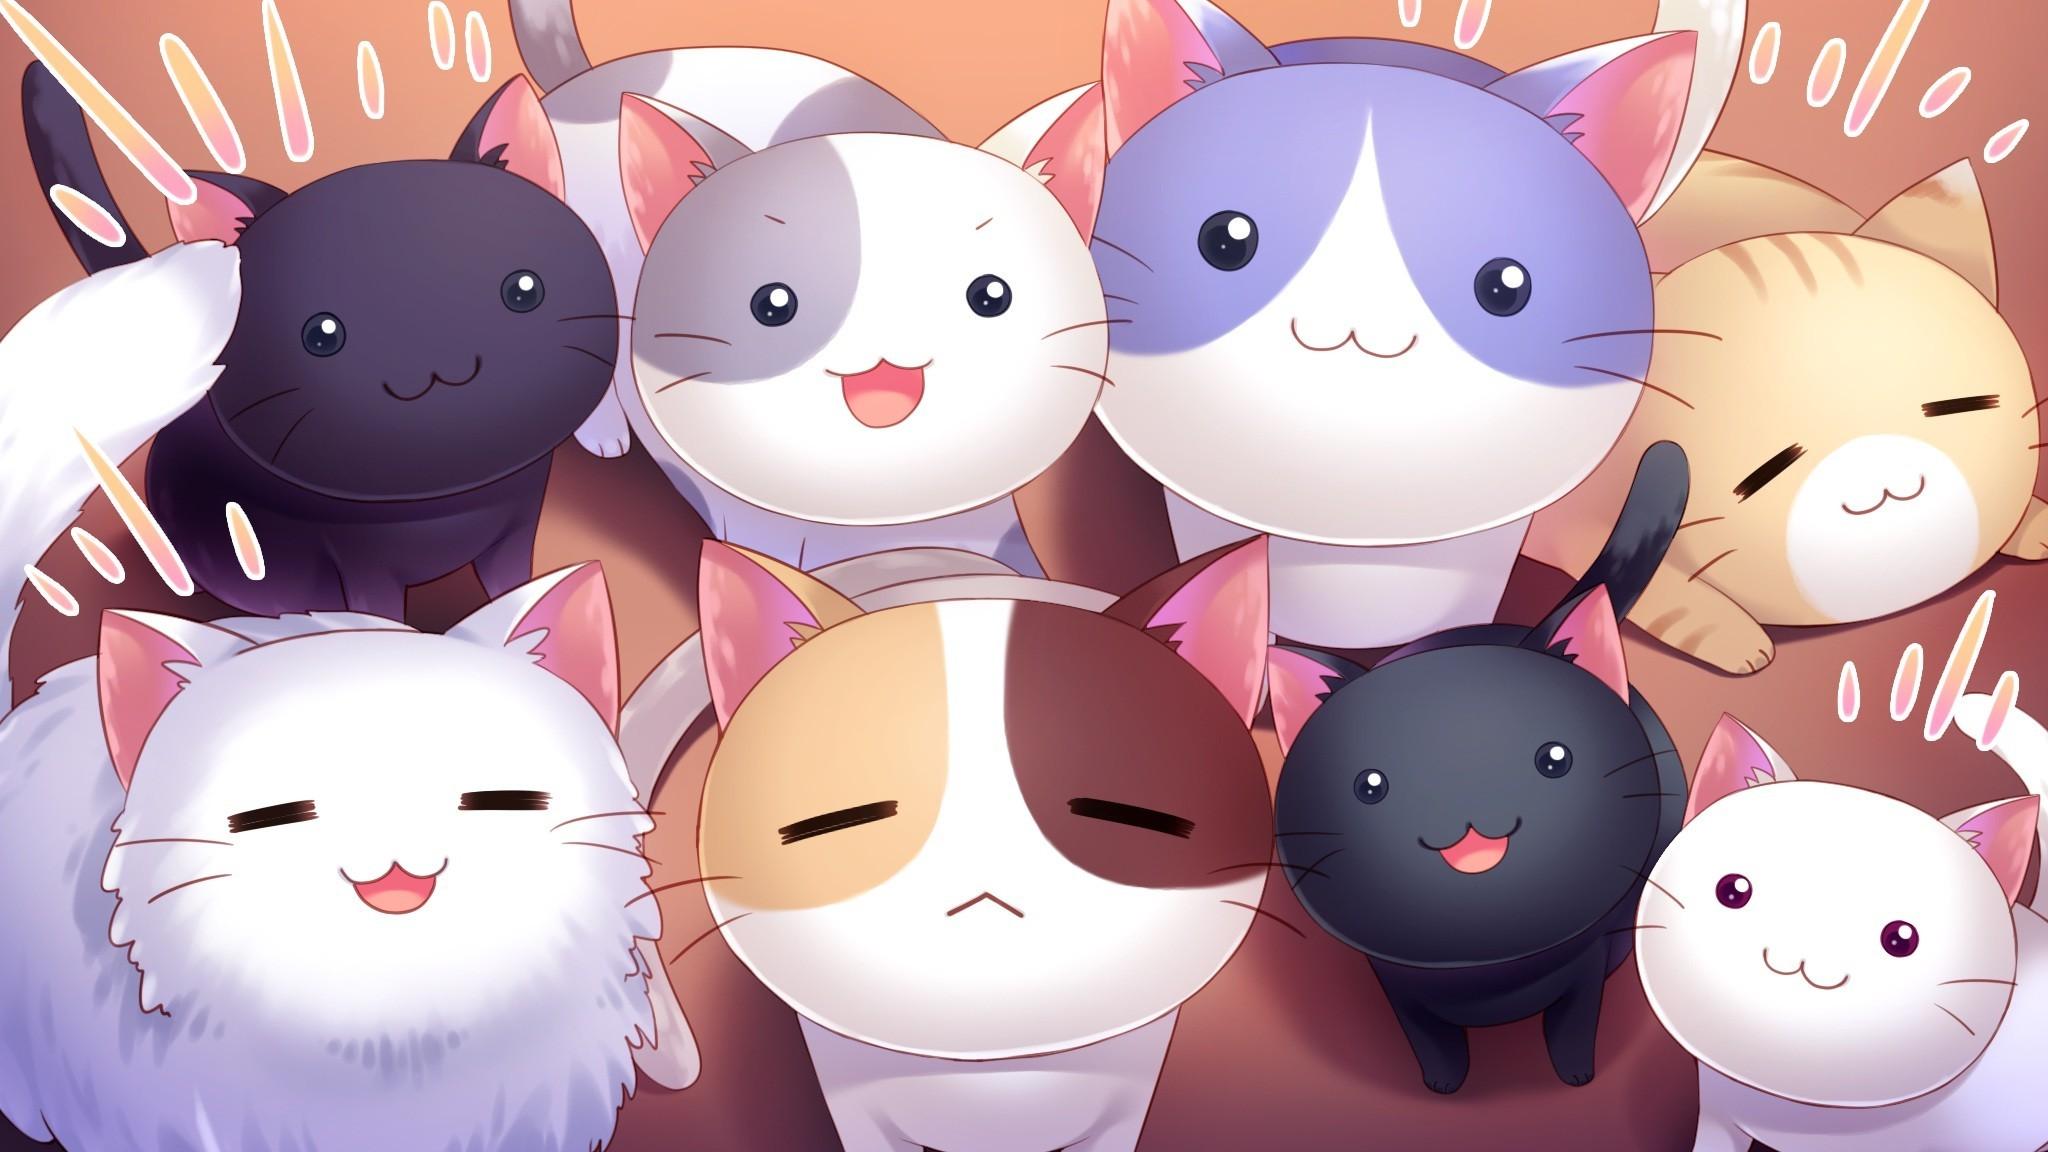 Sfondi illustrazione gatto anime cartone animato